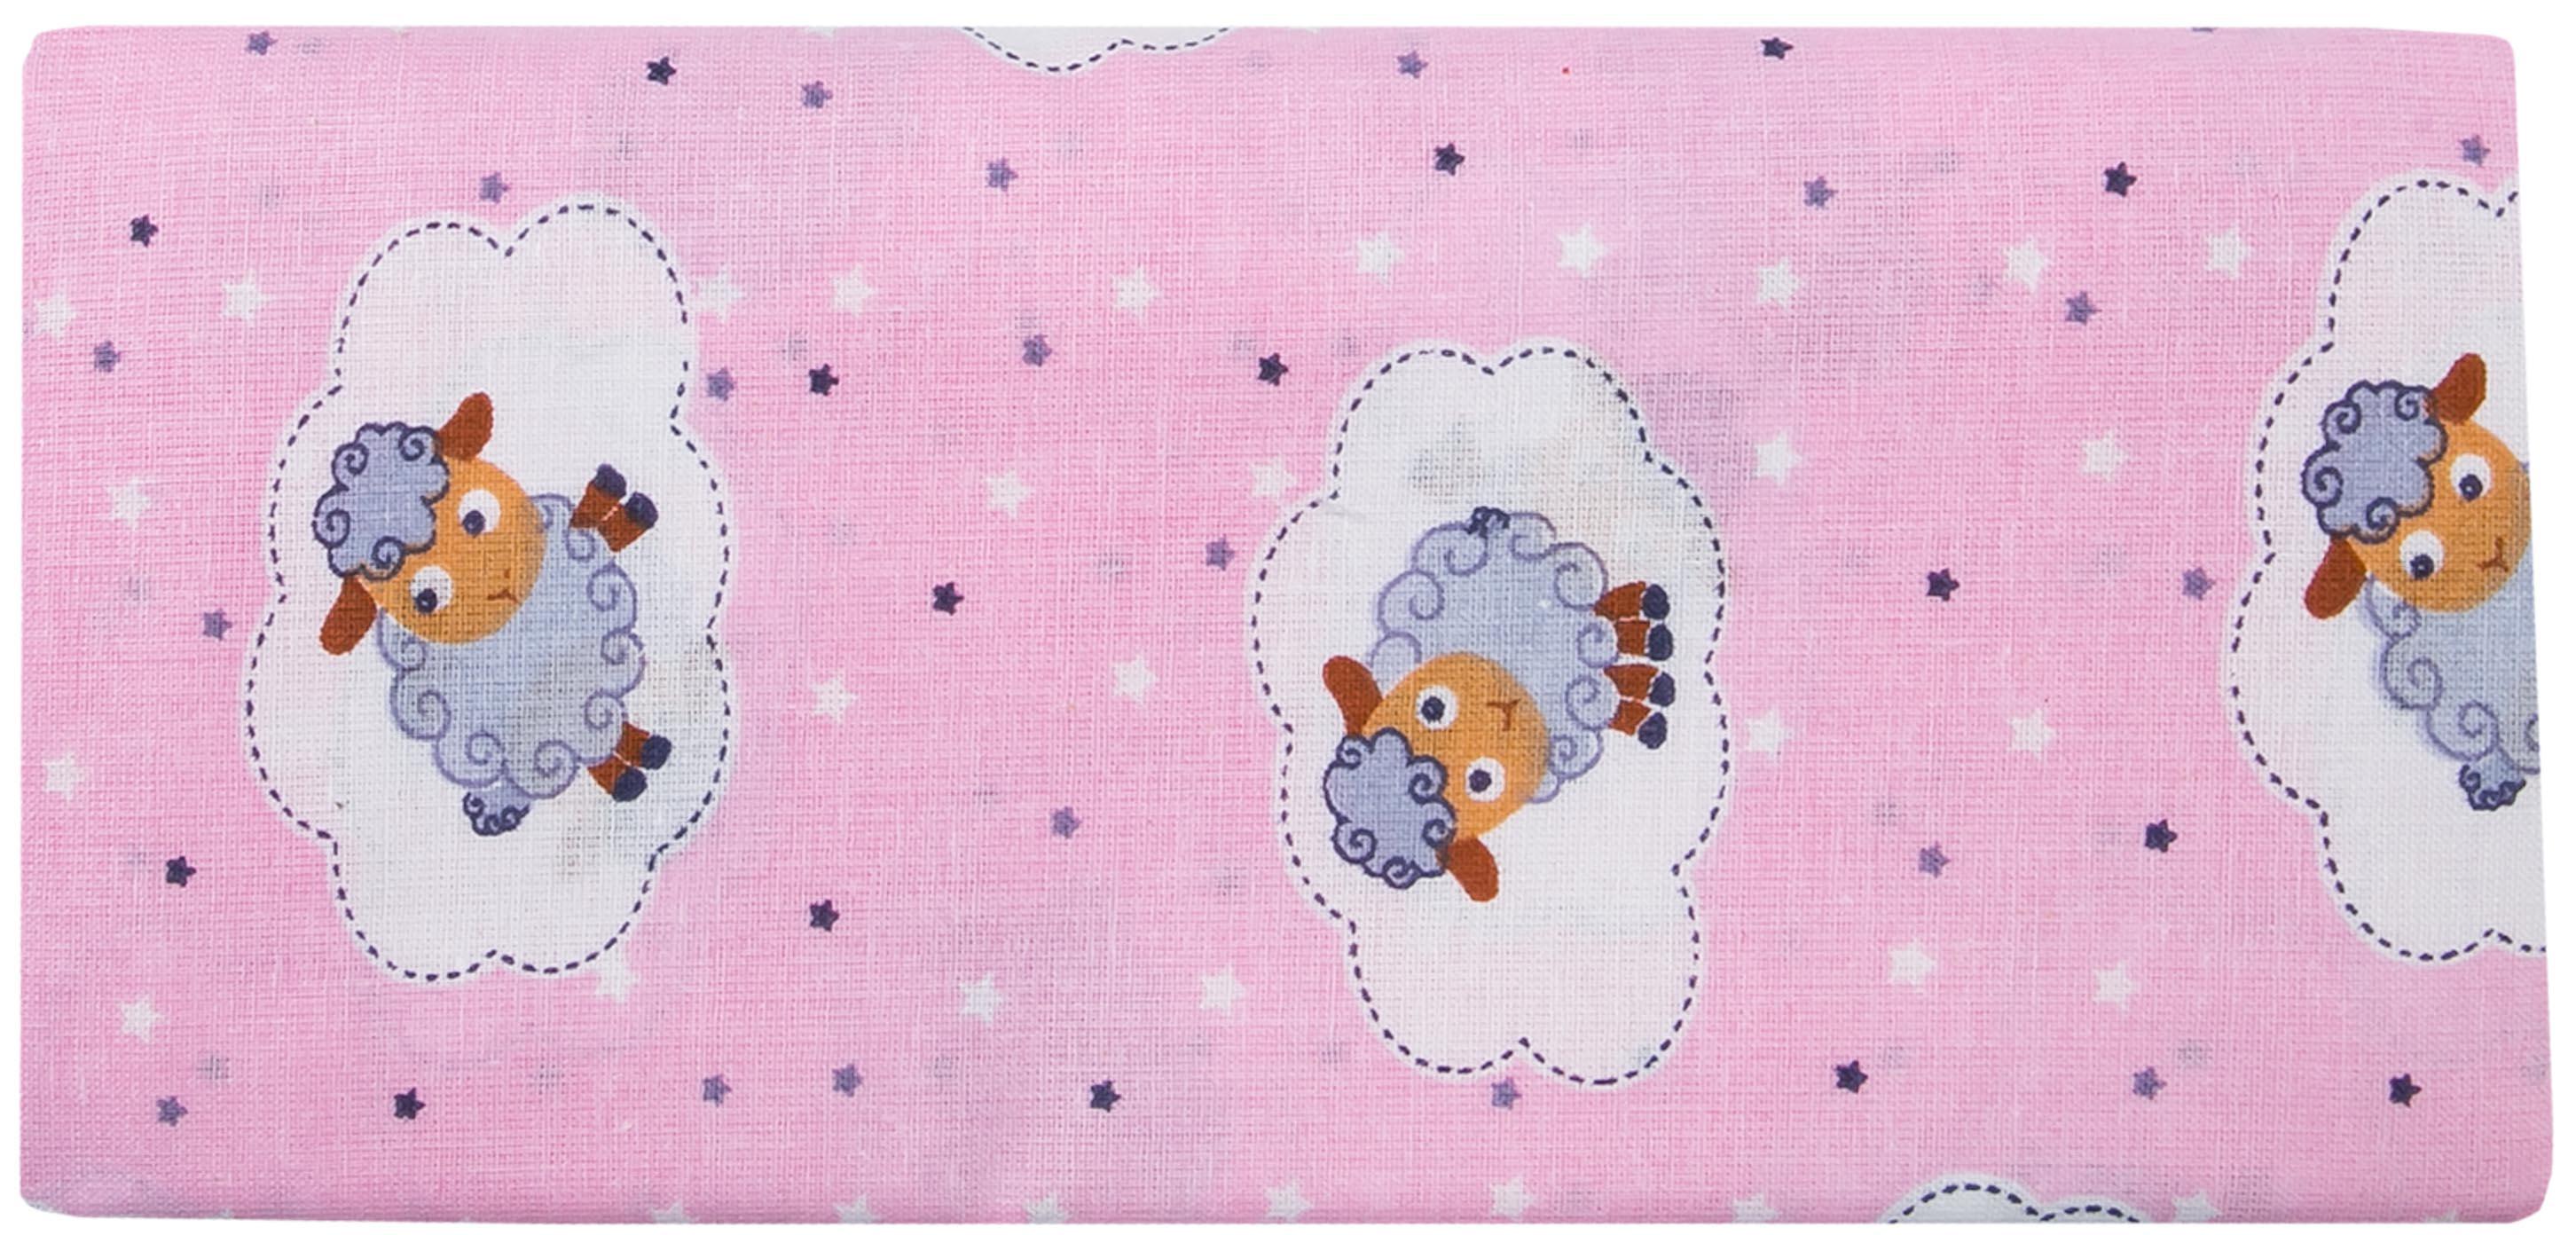 Купить Первые вещи новорожденного, Комплект пеленок Barkito ситец, 2шт, розовая с рисунком Барашки, белая с рисунком Совушки, 90x120 см, Россия, розовый с рисунком барашки , белый с рисунком совушки , Женский